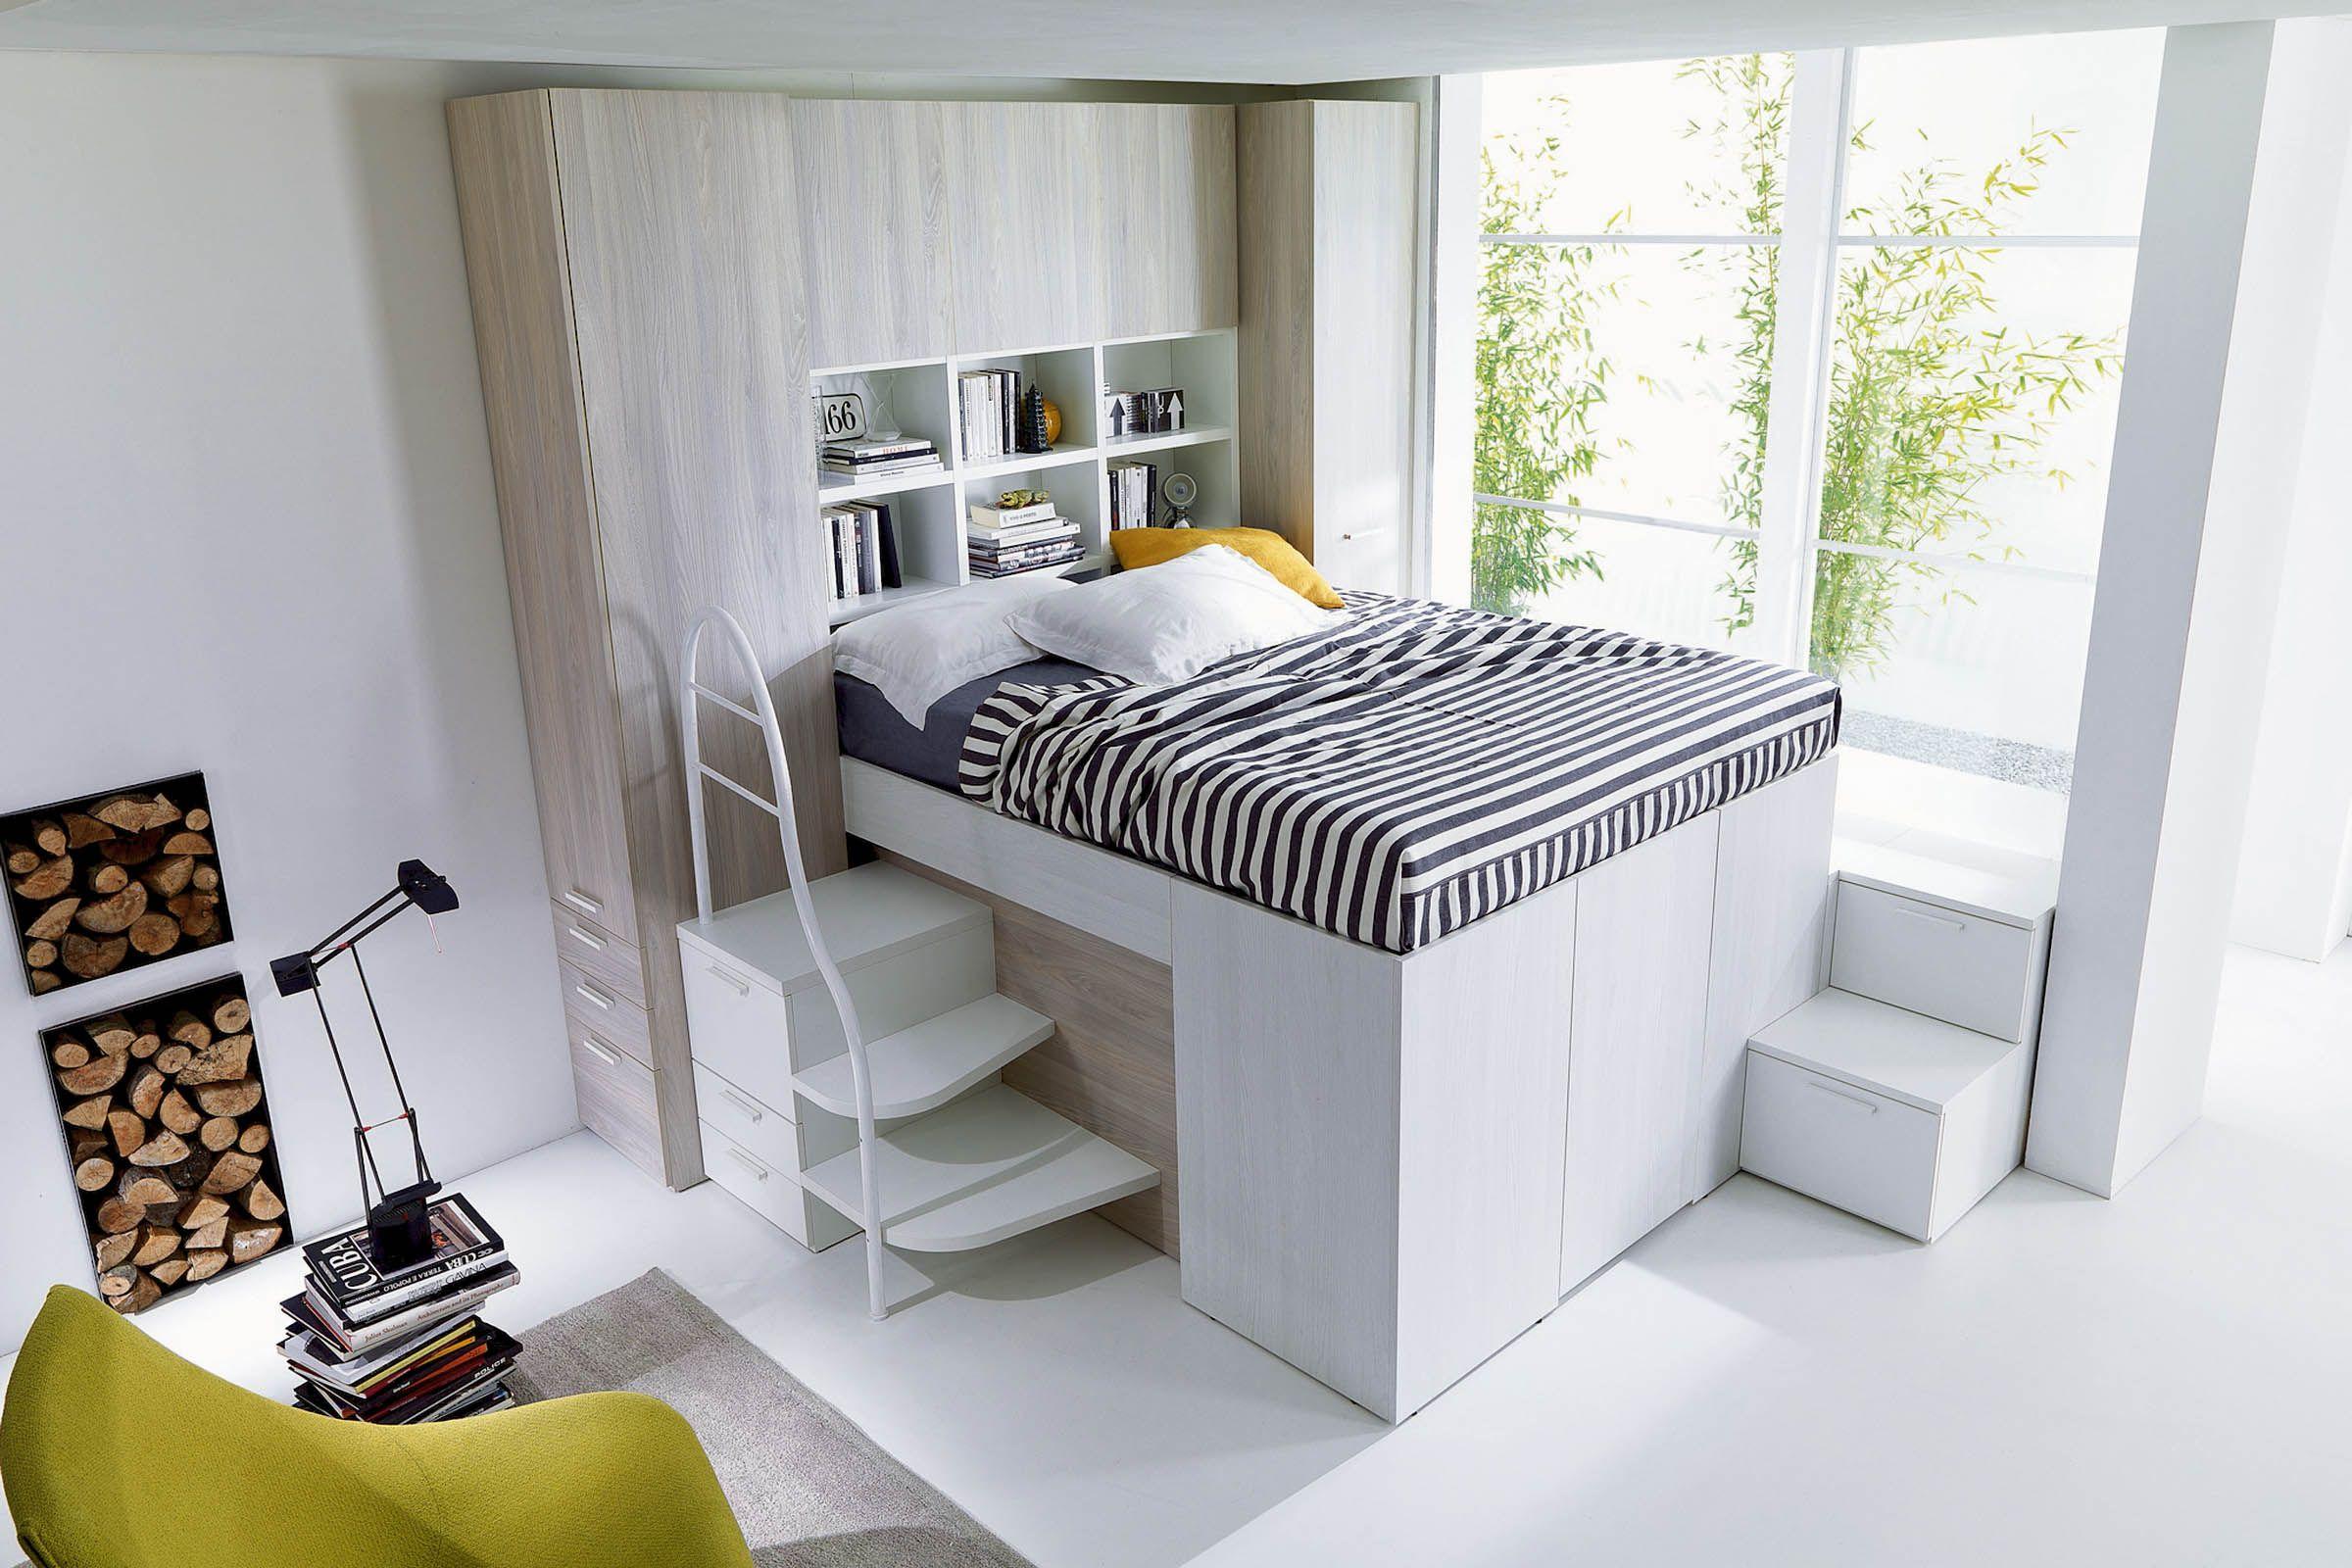 Camere Per Ragazzi Salvaspazio : Camera componibile salvaspazio moderna d livingidea